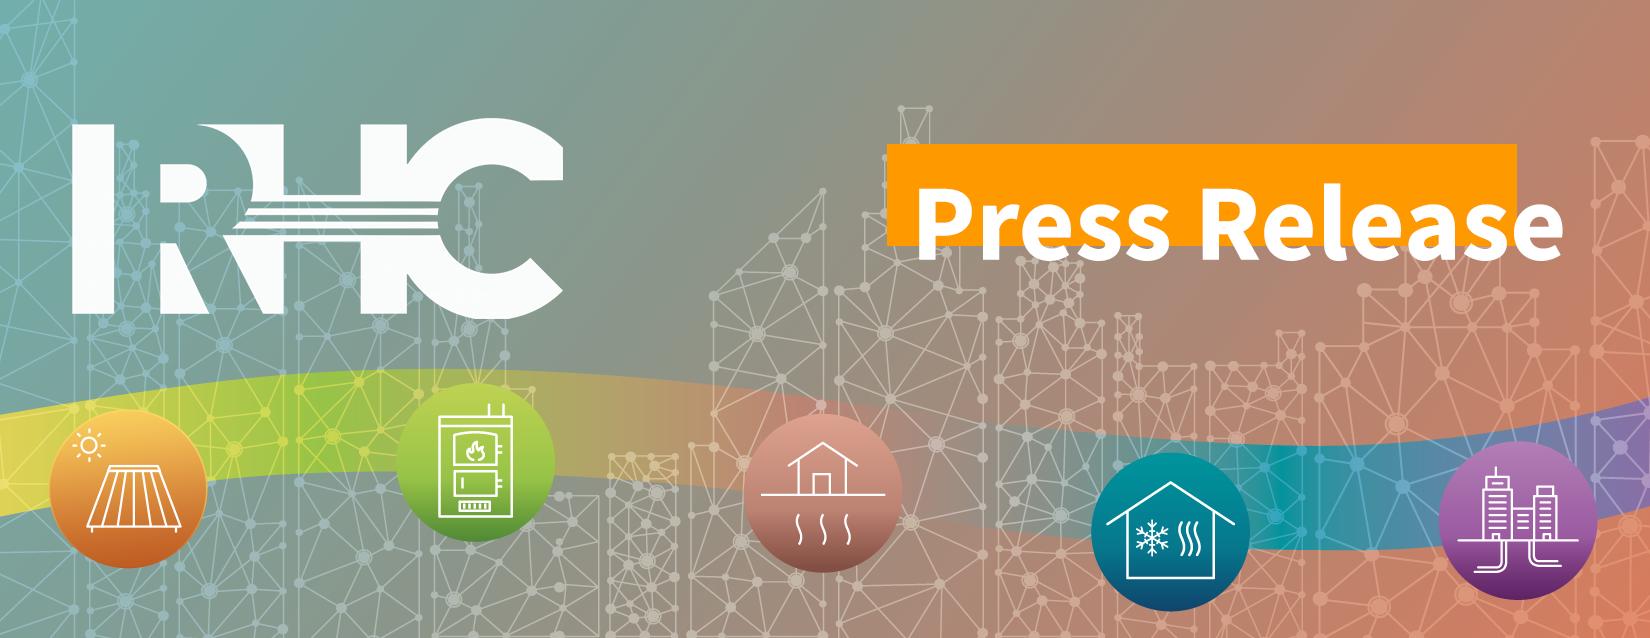 press-release-header